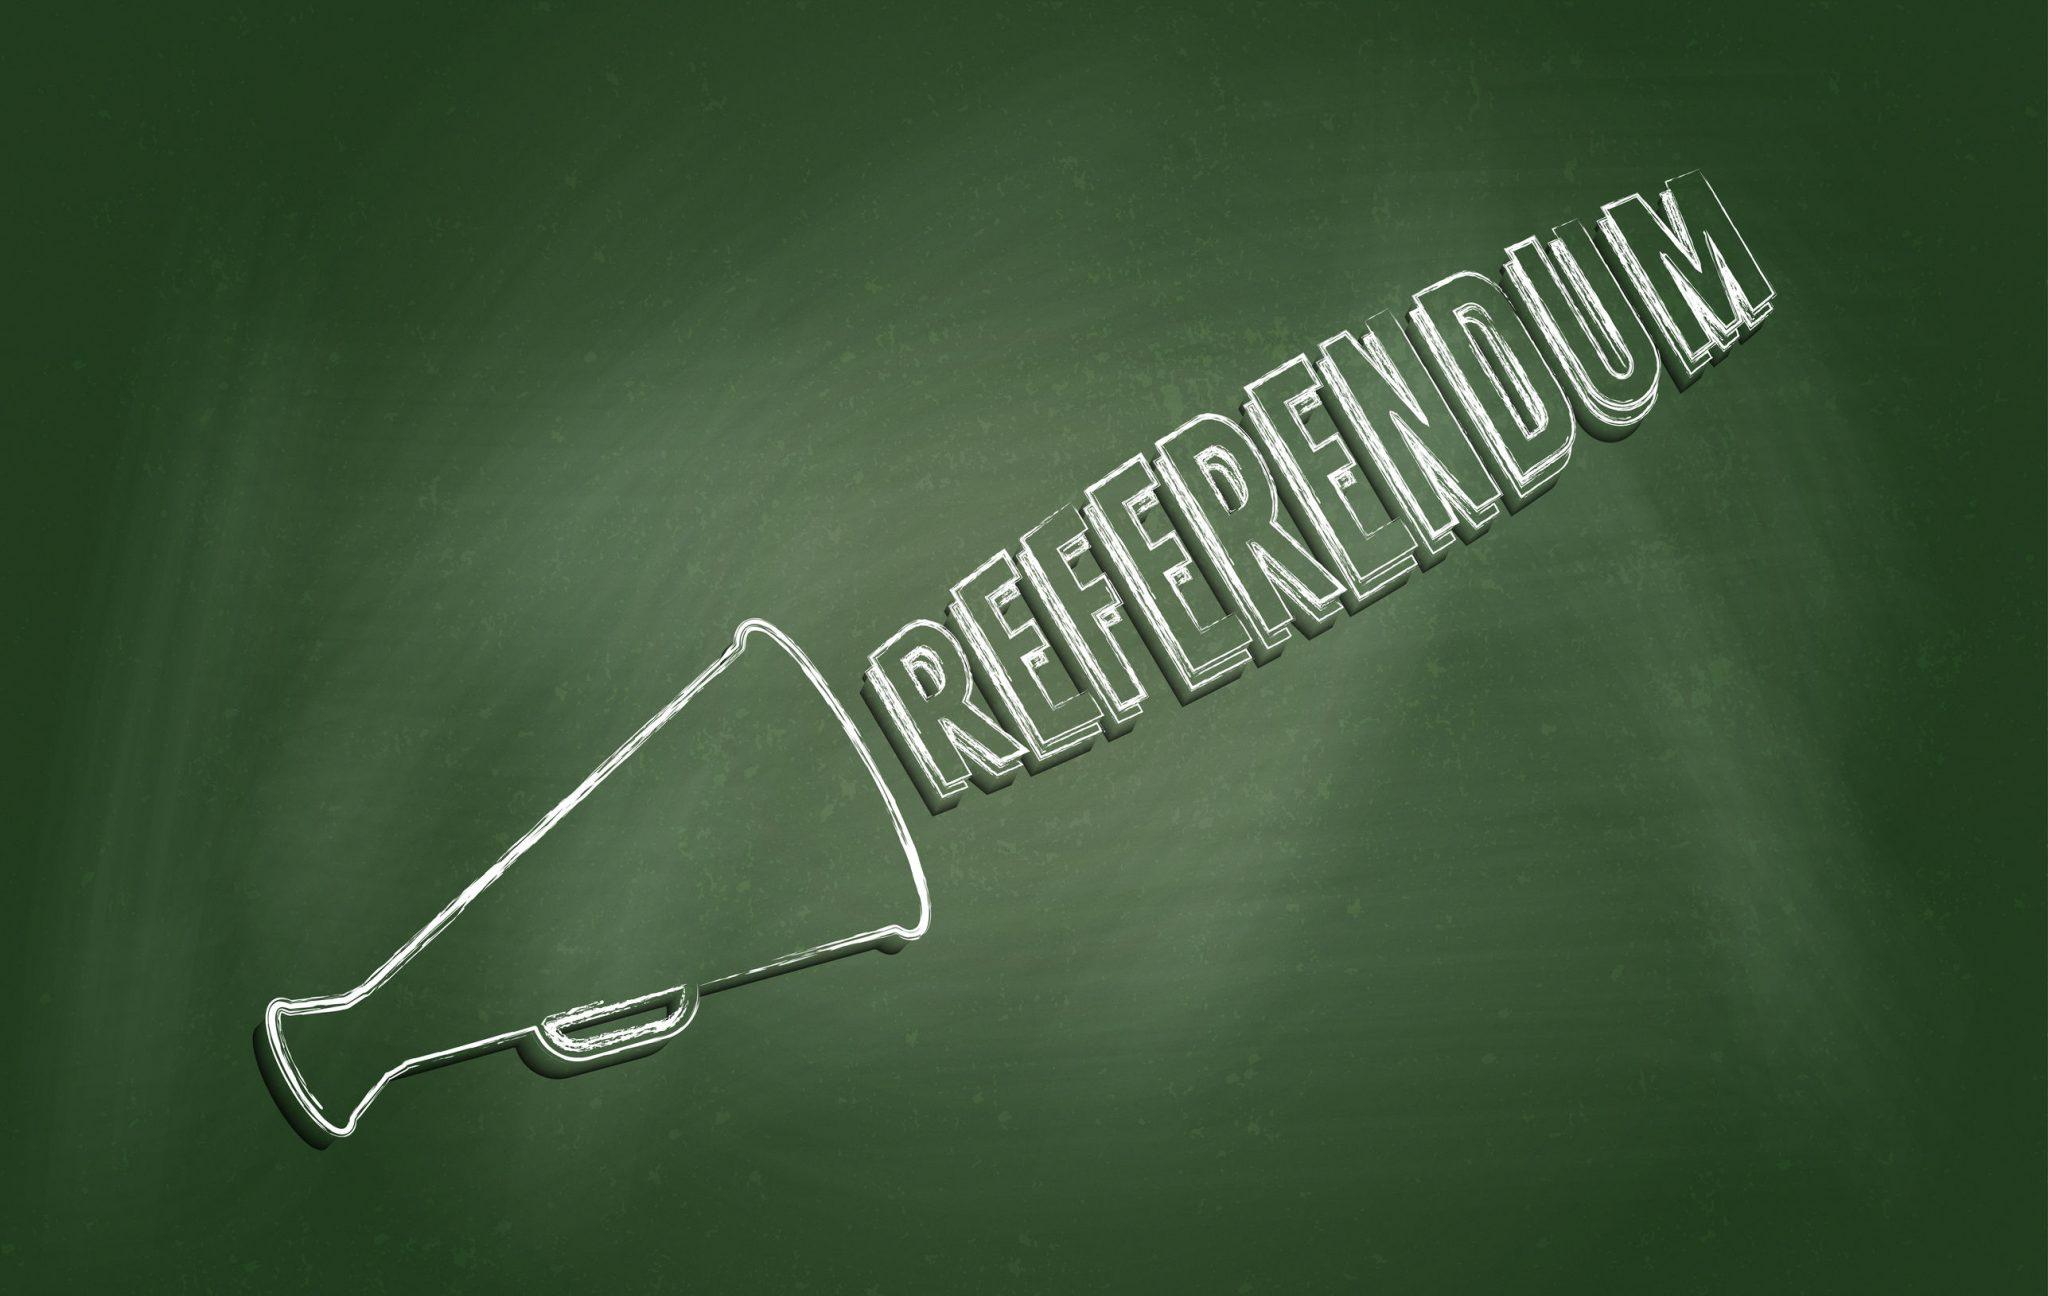 Le référendum, cet outil démagogique...